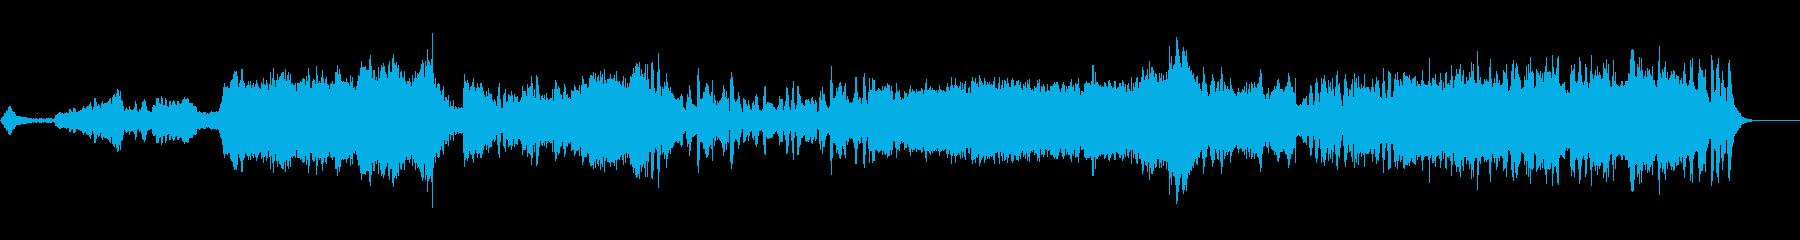 壮大な高原をイメージしたオーケストラの再生済みの波形